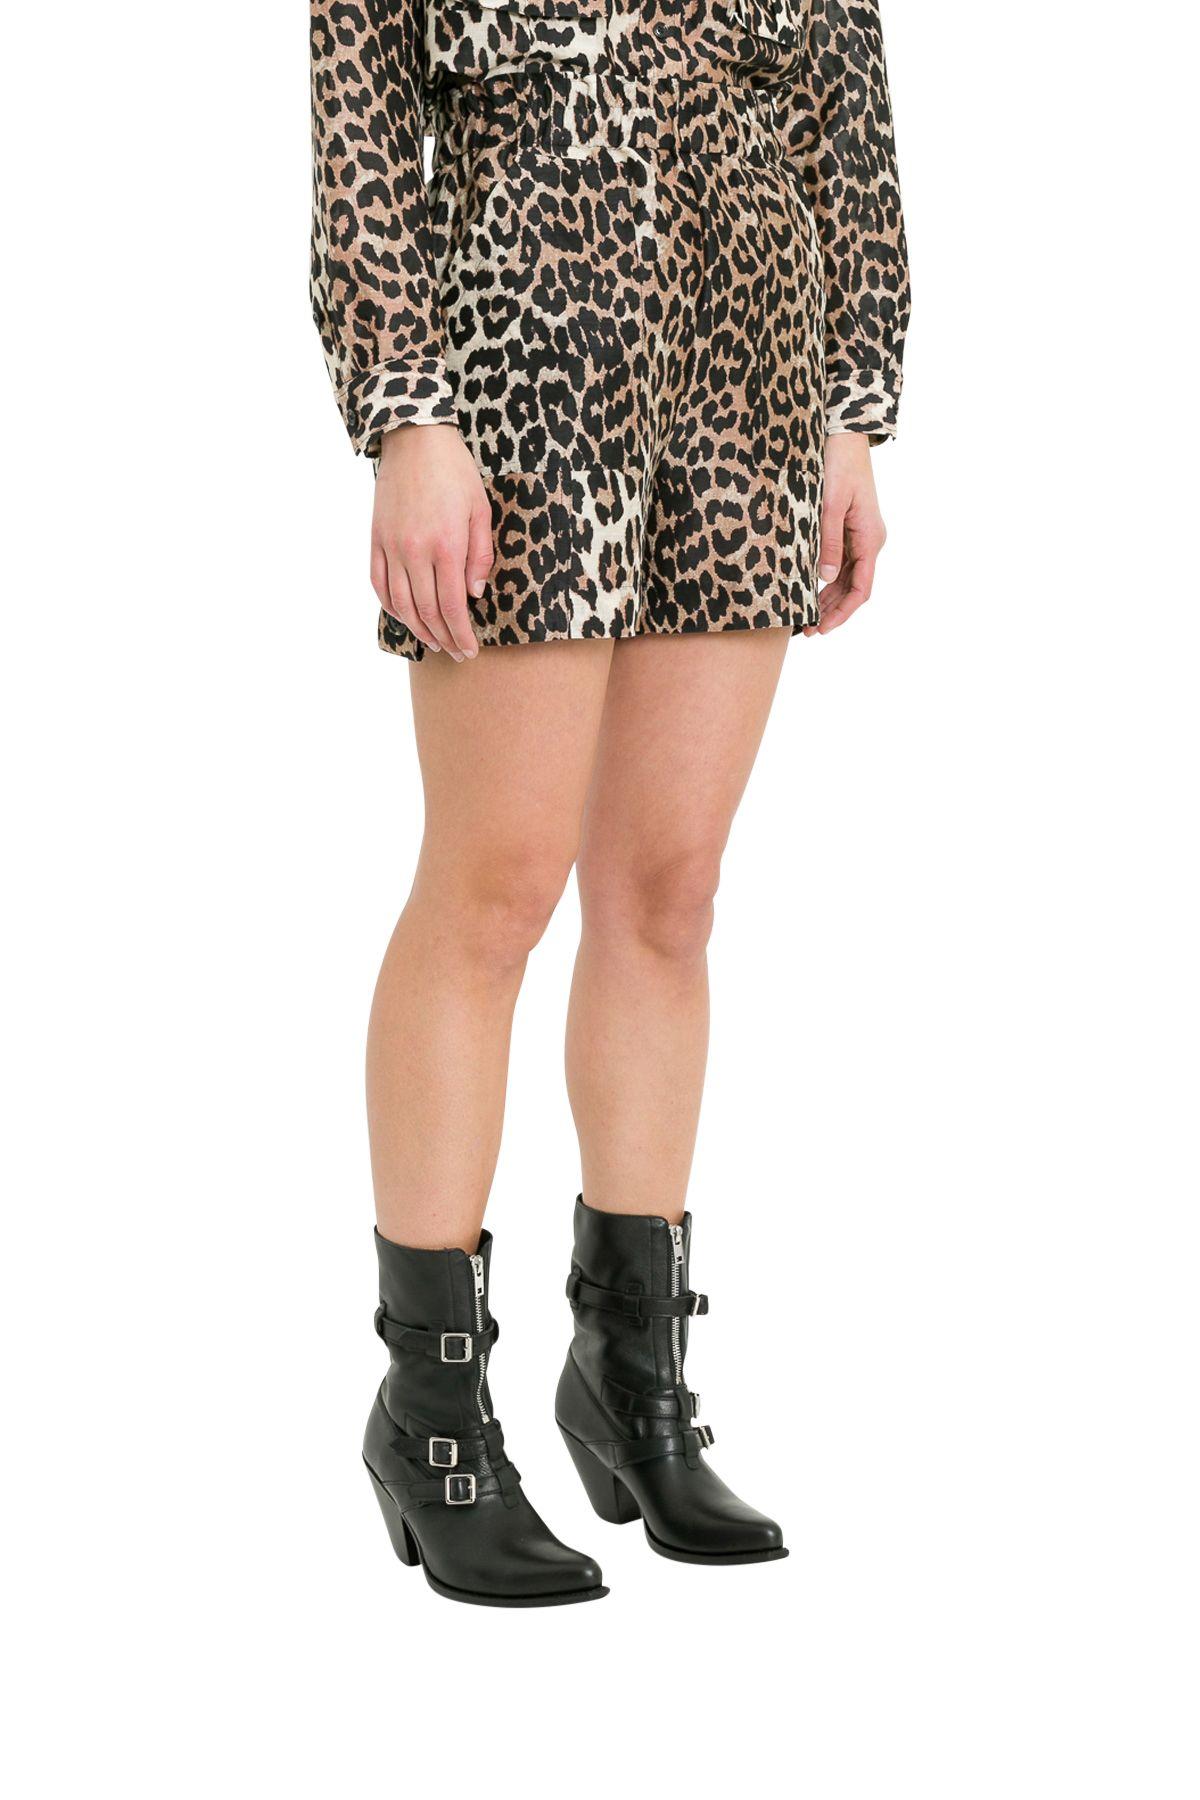 3db178361d55 Ganni Ganni Cedar Leopard Printed Shorts - Marrone - 10903515 | italist